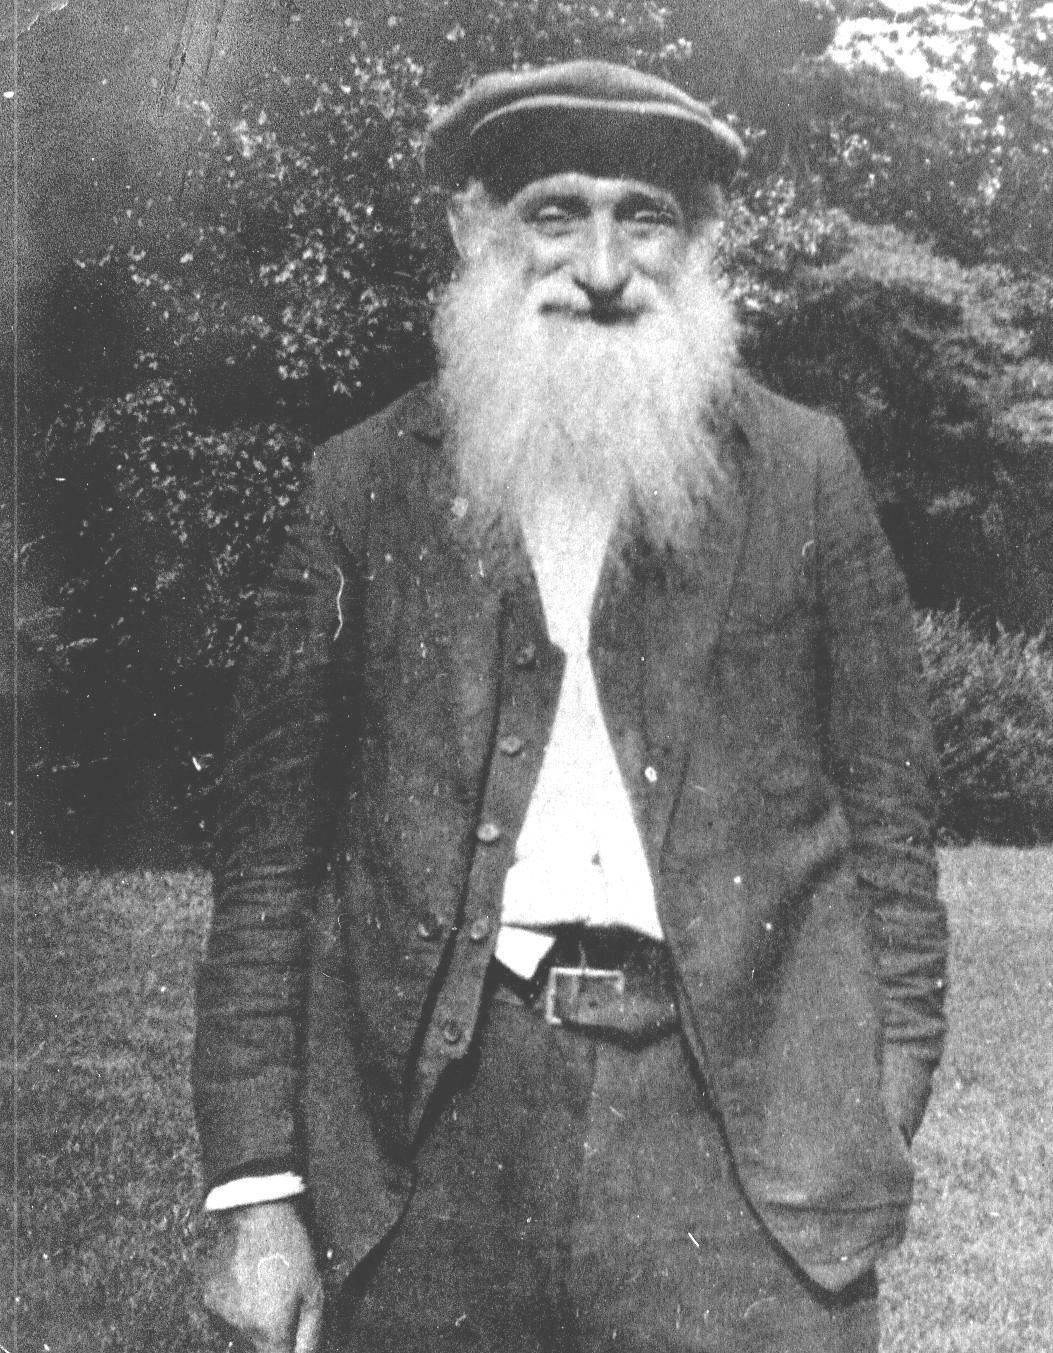 Joseph Scherr father of Hyman Scherr